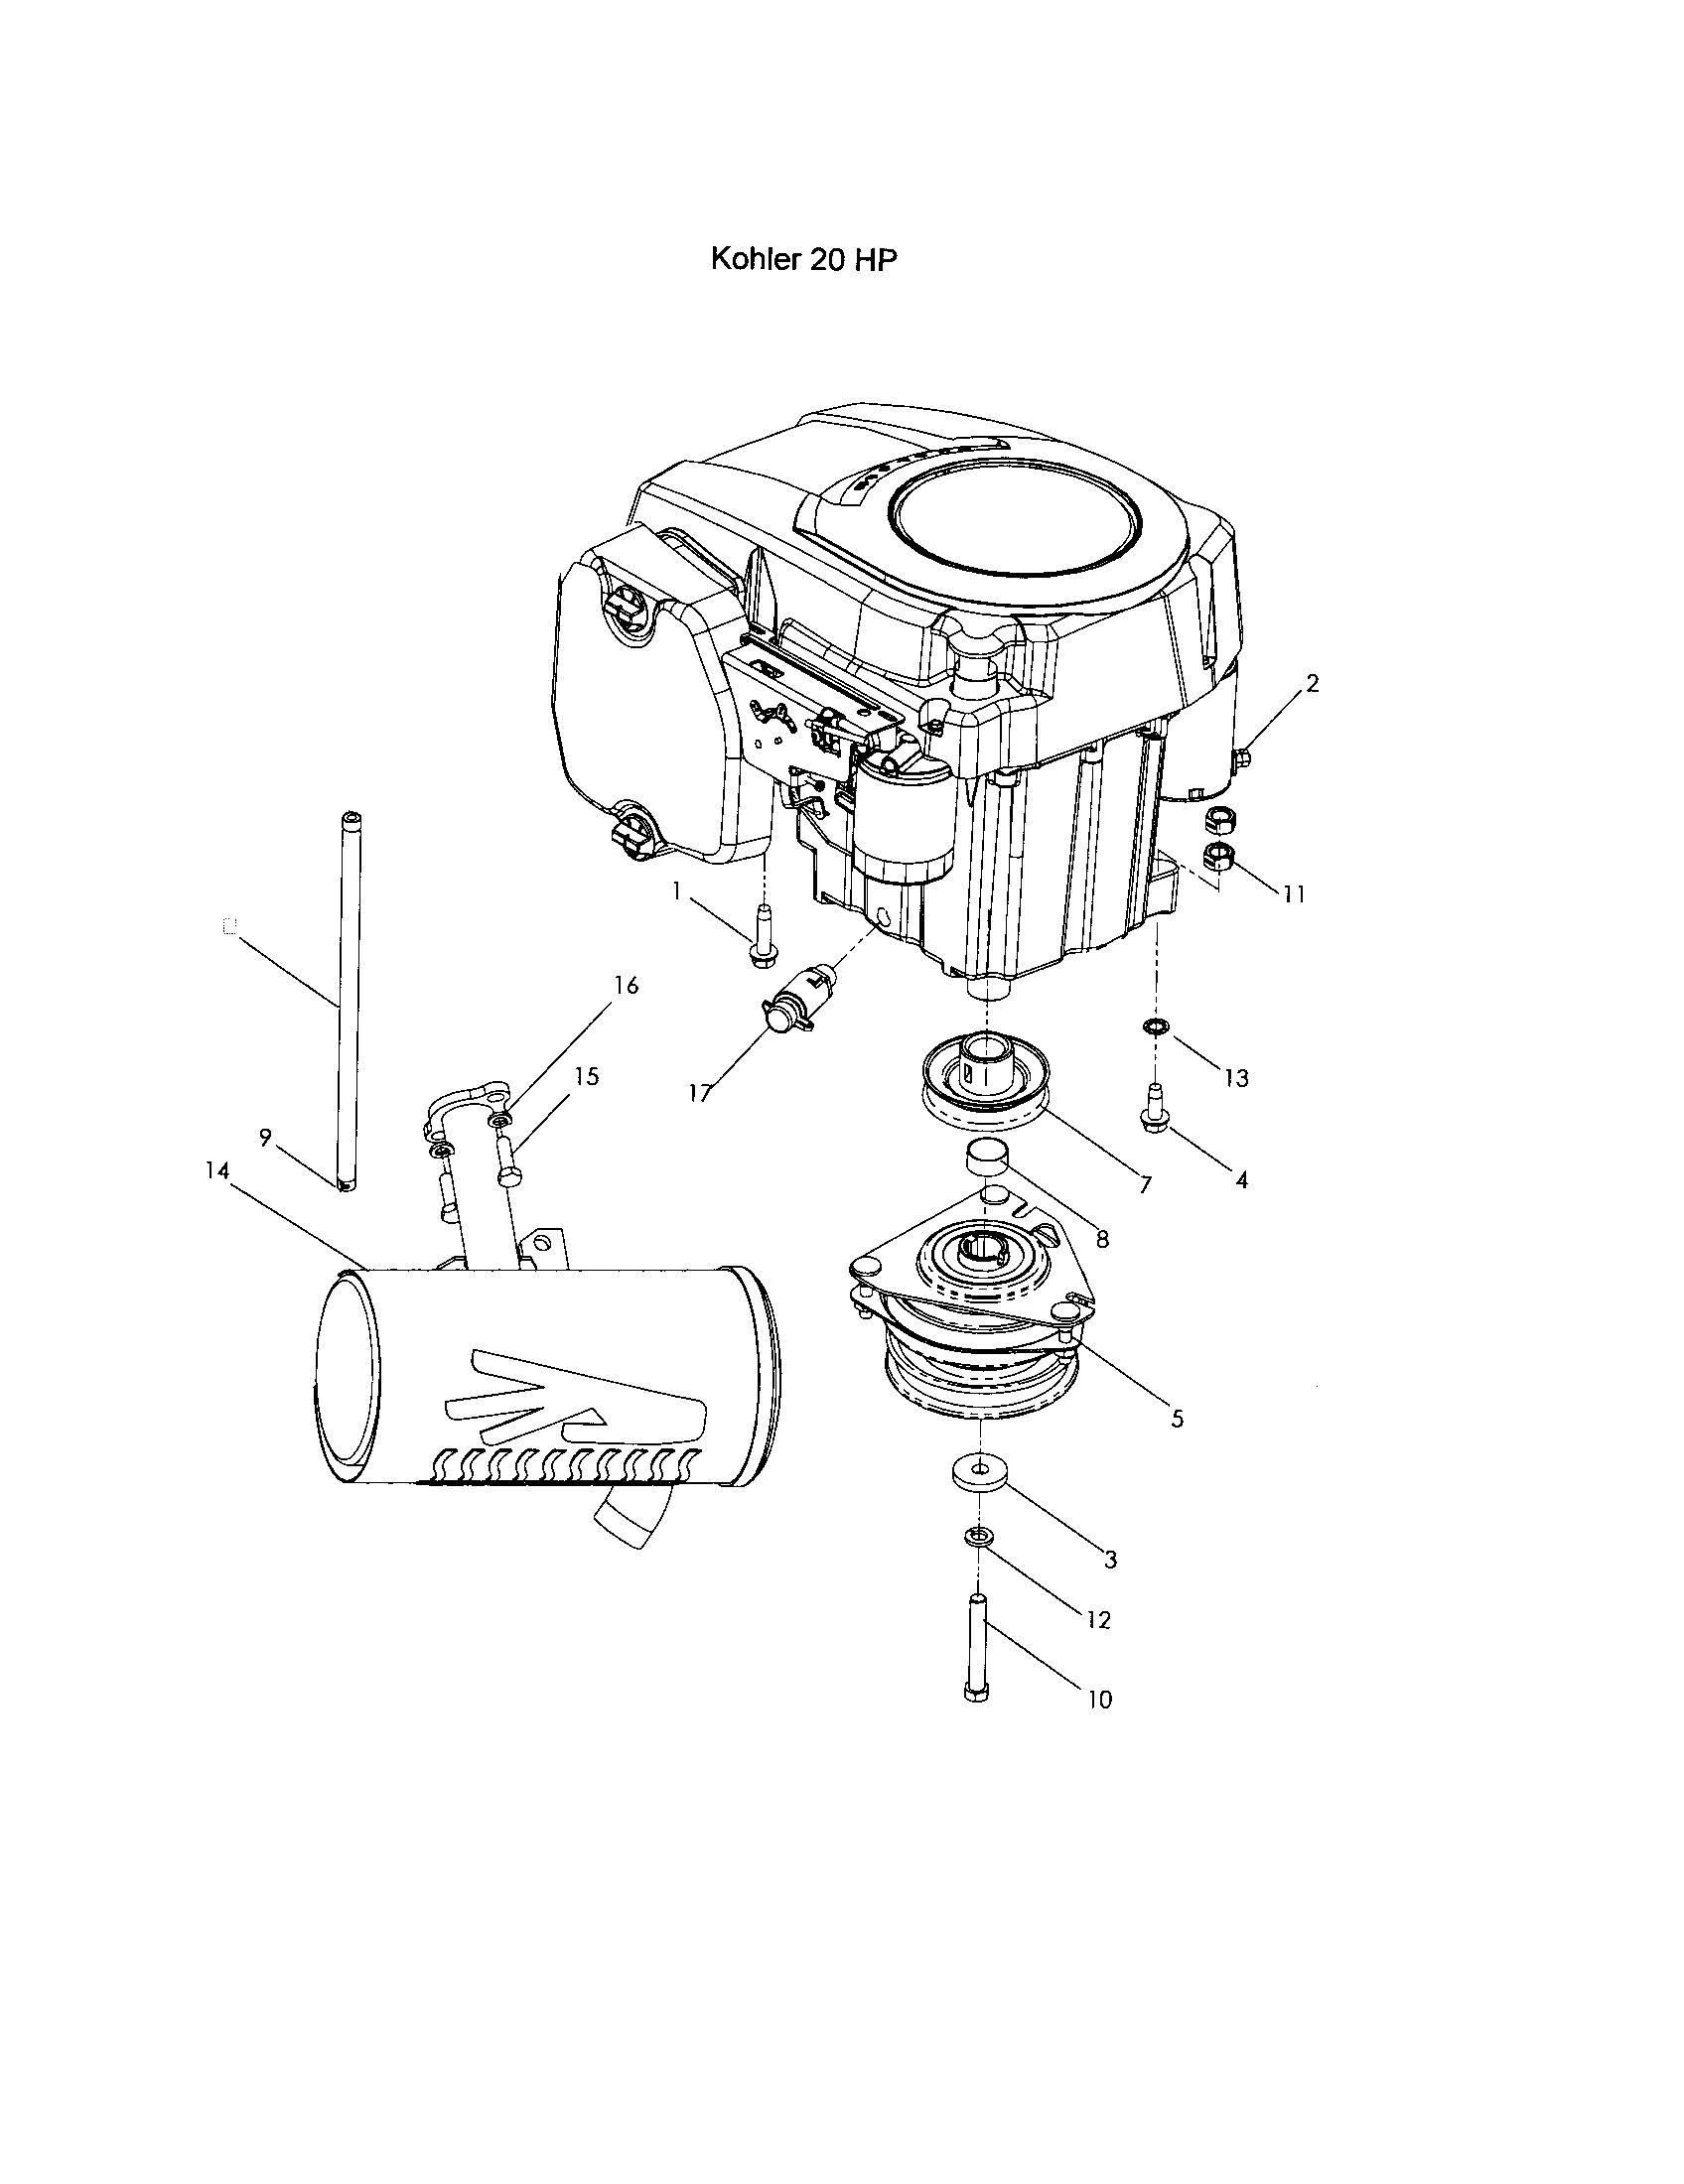 Kohler Engine Parts Diagram Motor Parts Kohler Motor Parts Of Kohler Engine Parts Diagram